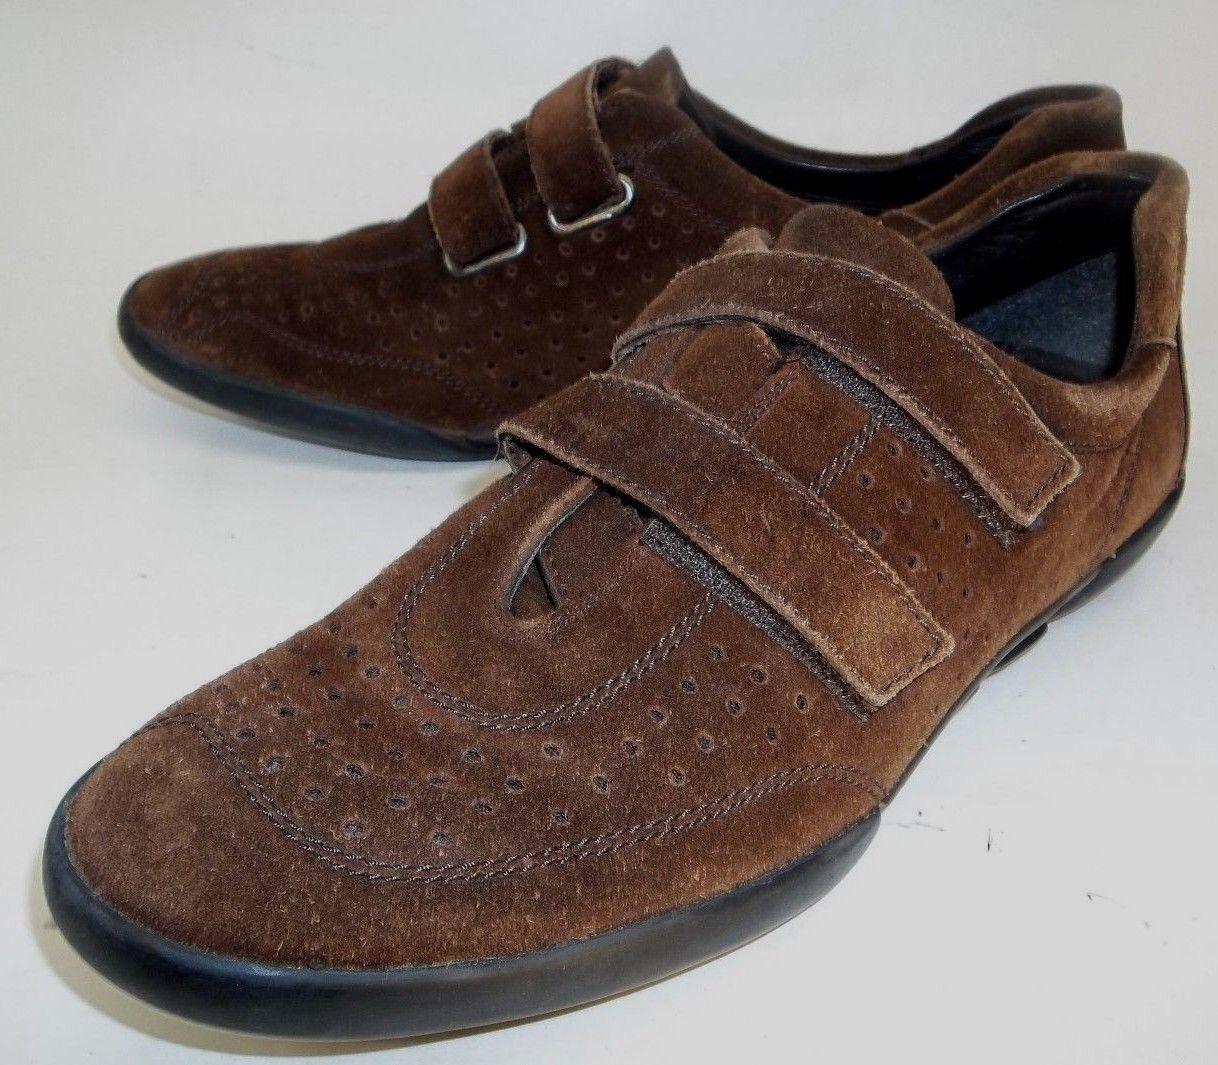 Stuart Weitzman Womens Shoes Walking US 9.5 Brown Suede Slip-on Hook Loop